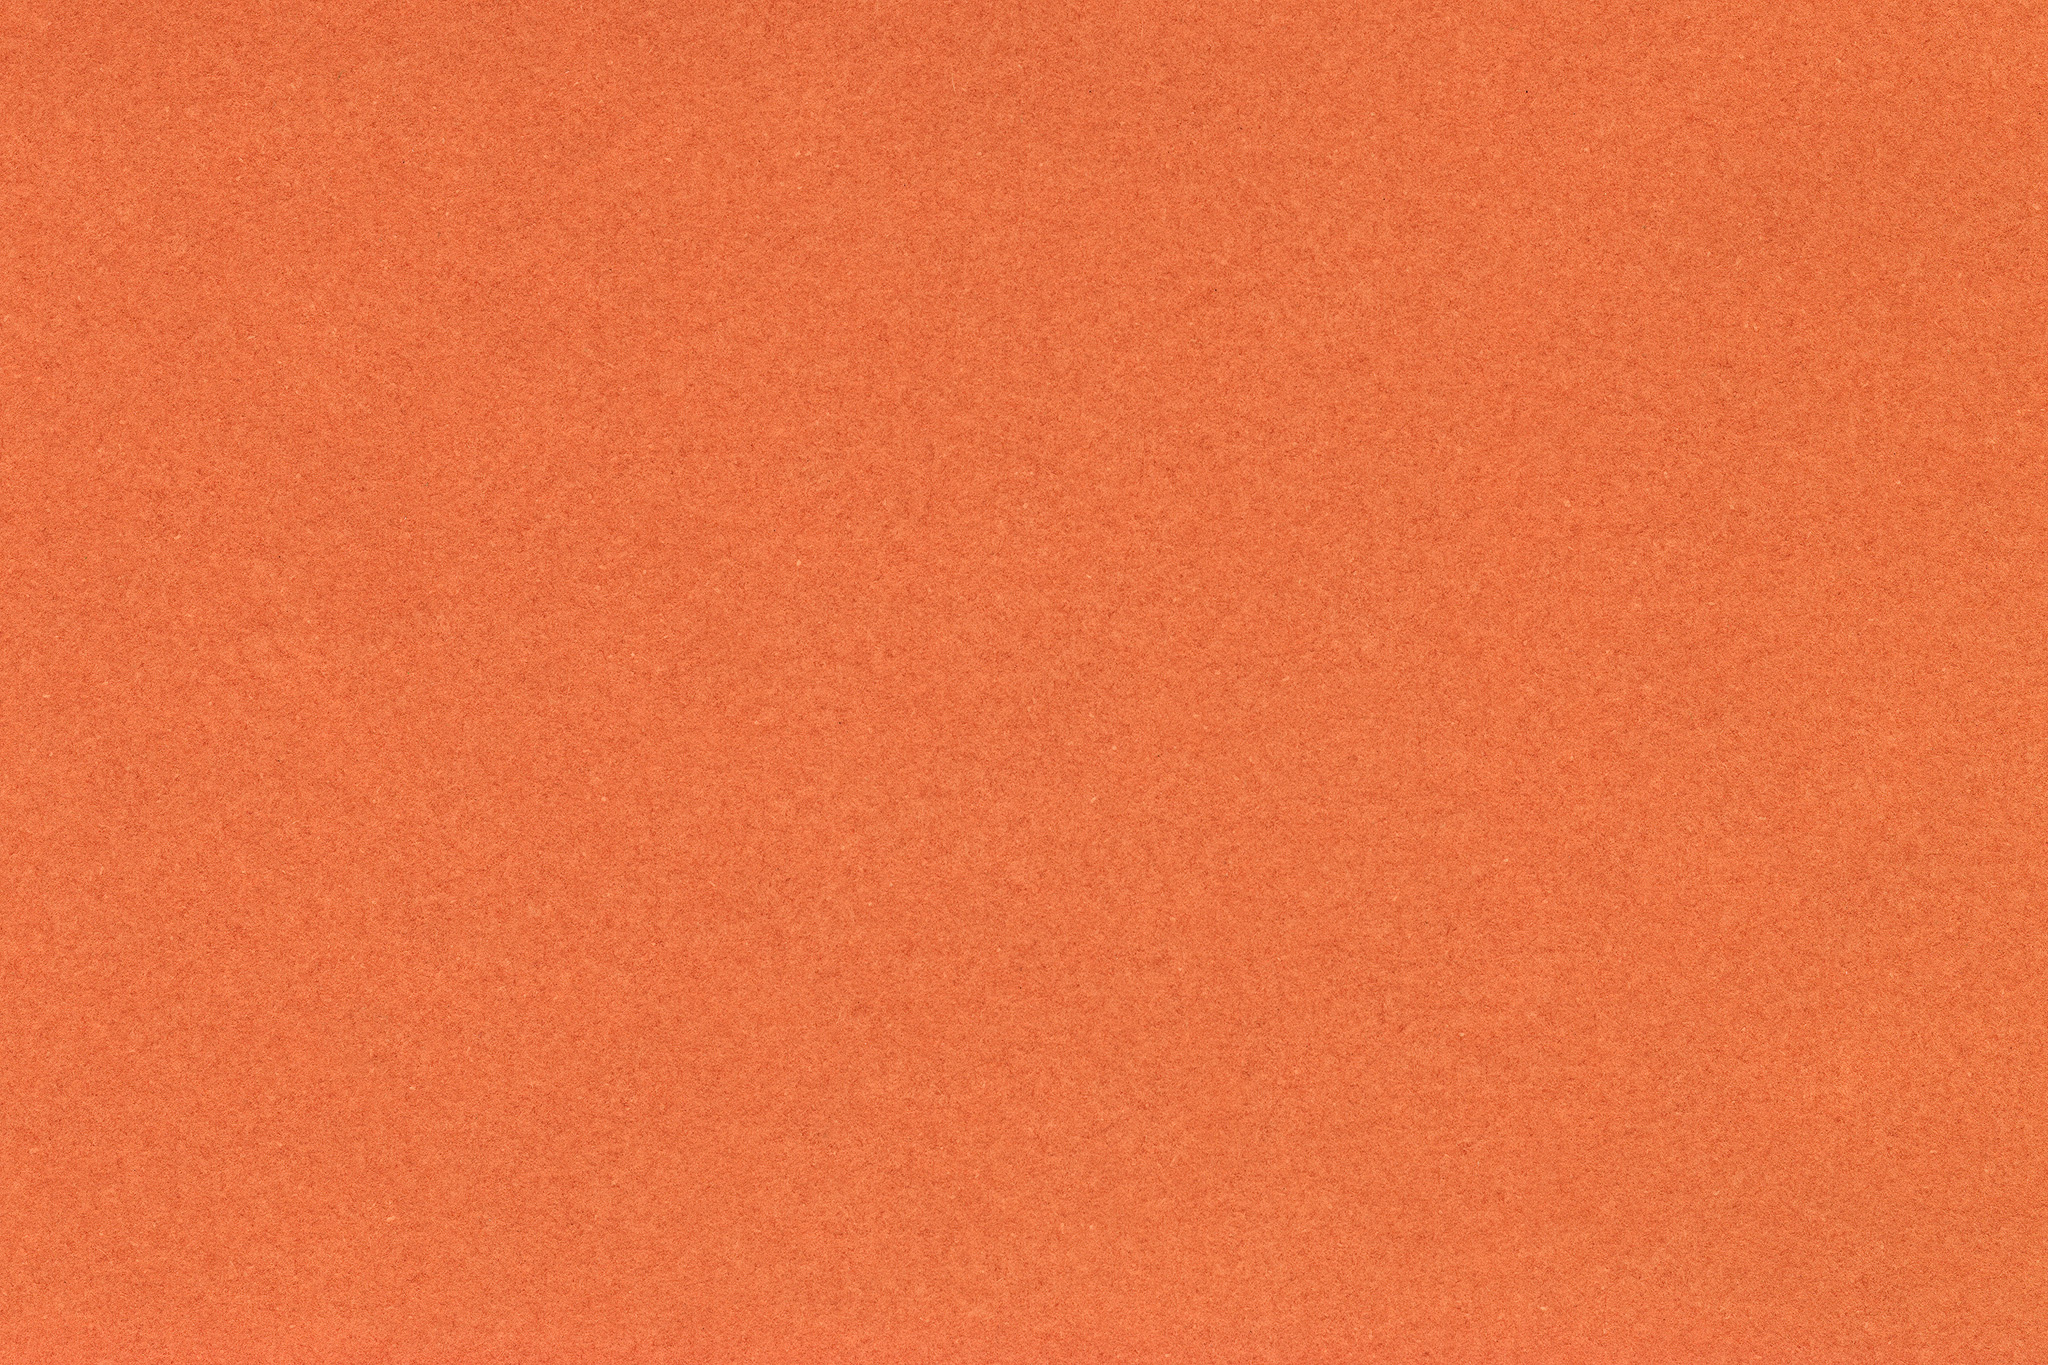 「暖色系の温かみのある紙」